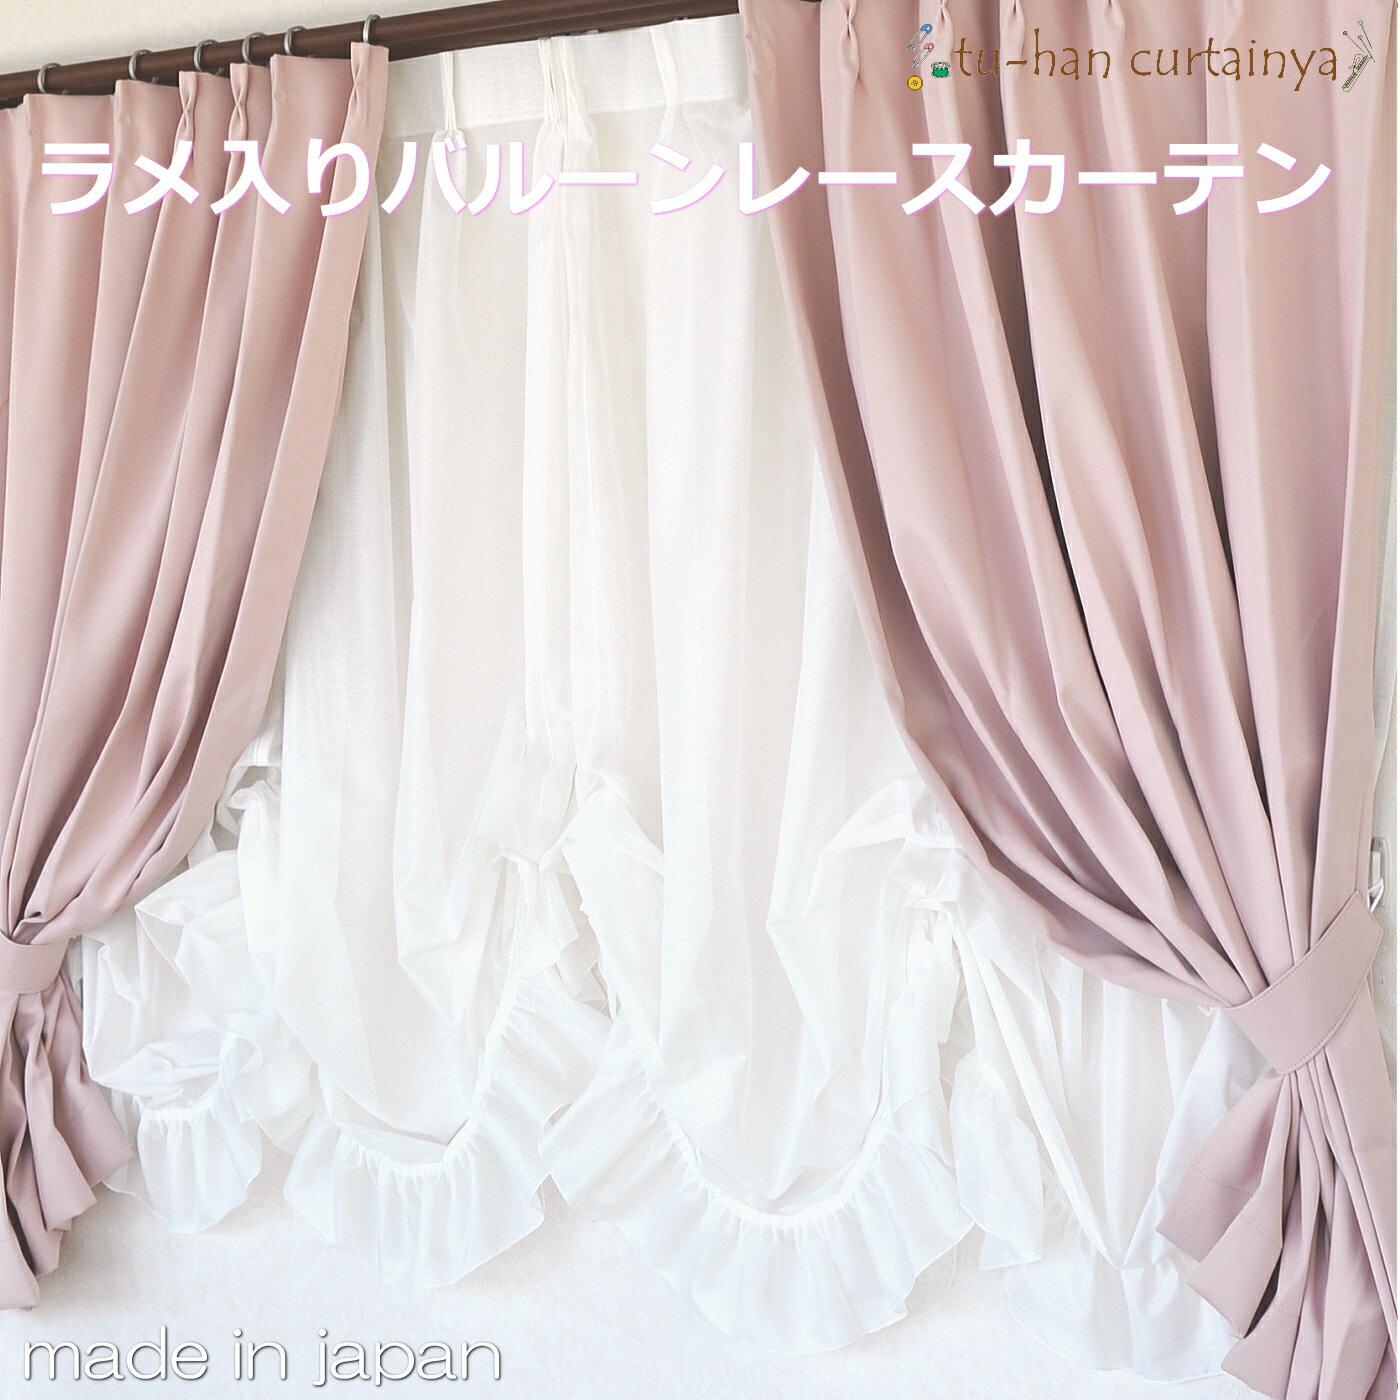 【お姫様カーテン】日本製 フリル付きバルーンカーテン ラメ入り2倍ヒダ ヨーロピアンスタイル 出窓かわいいおしゃれレースカーテン